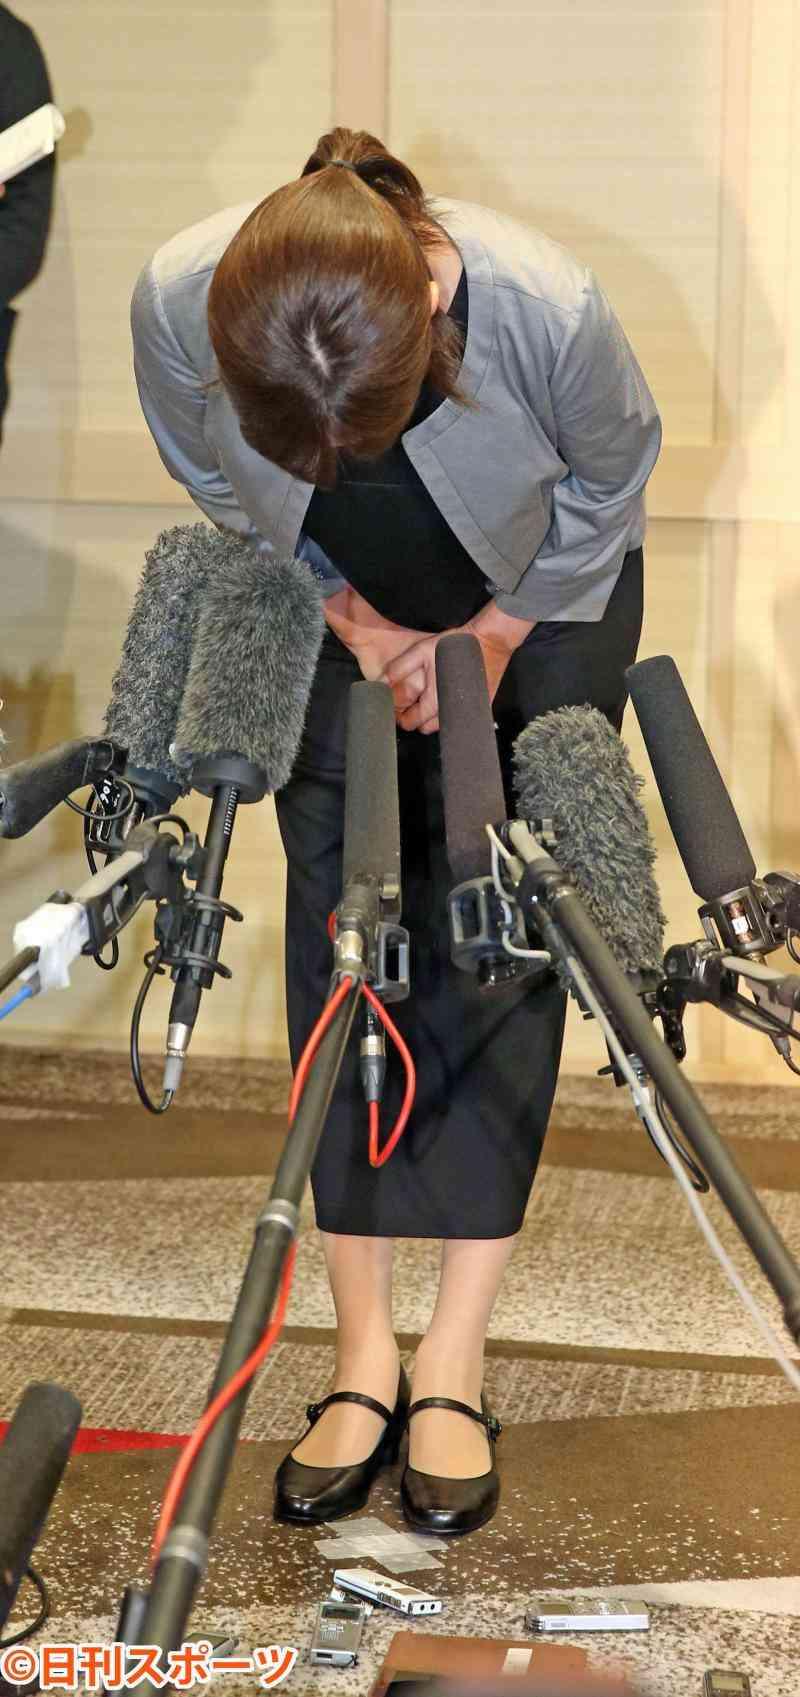 高島礼子、高知の介護での引退「聞いていません」 - 事件・事故 : 日刊スポーツ